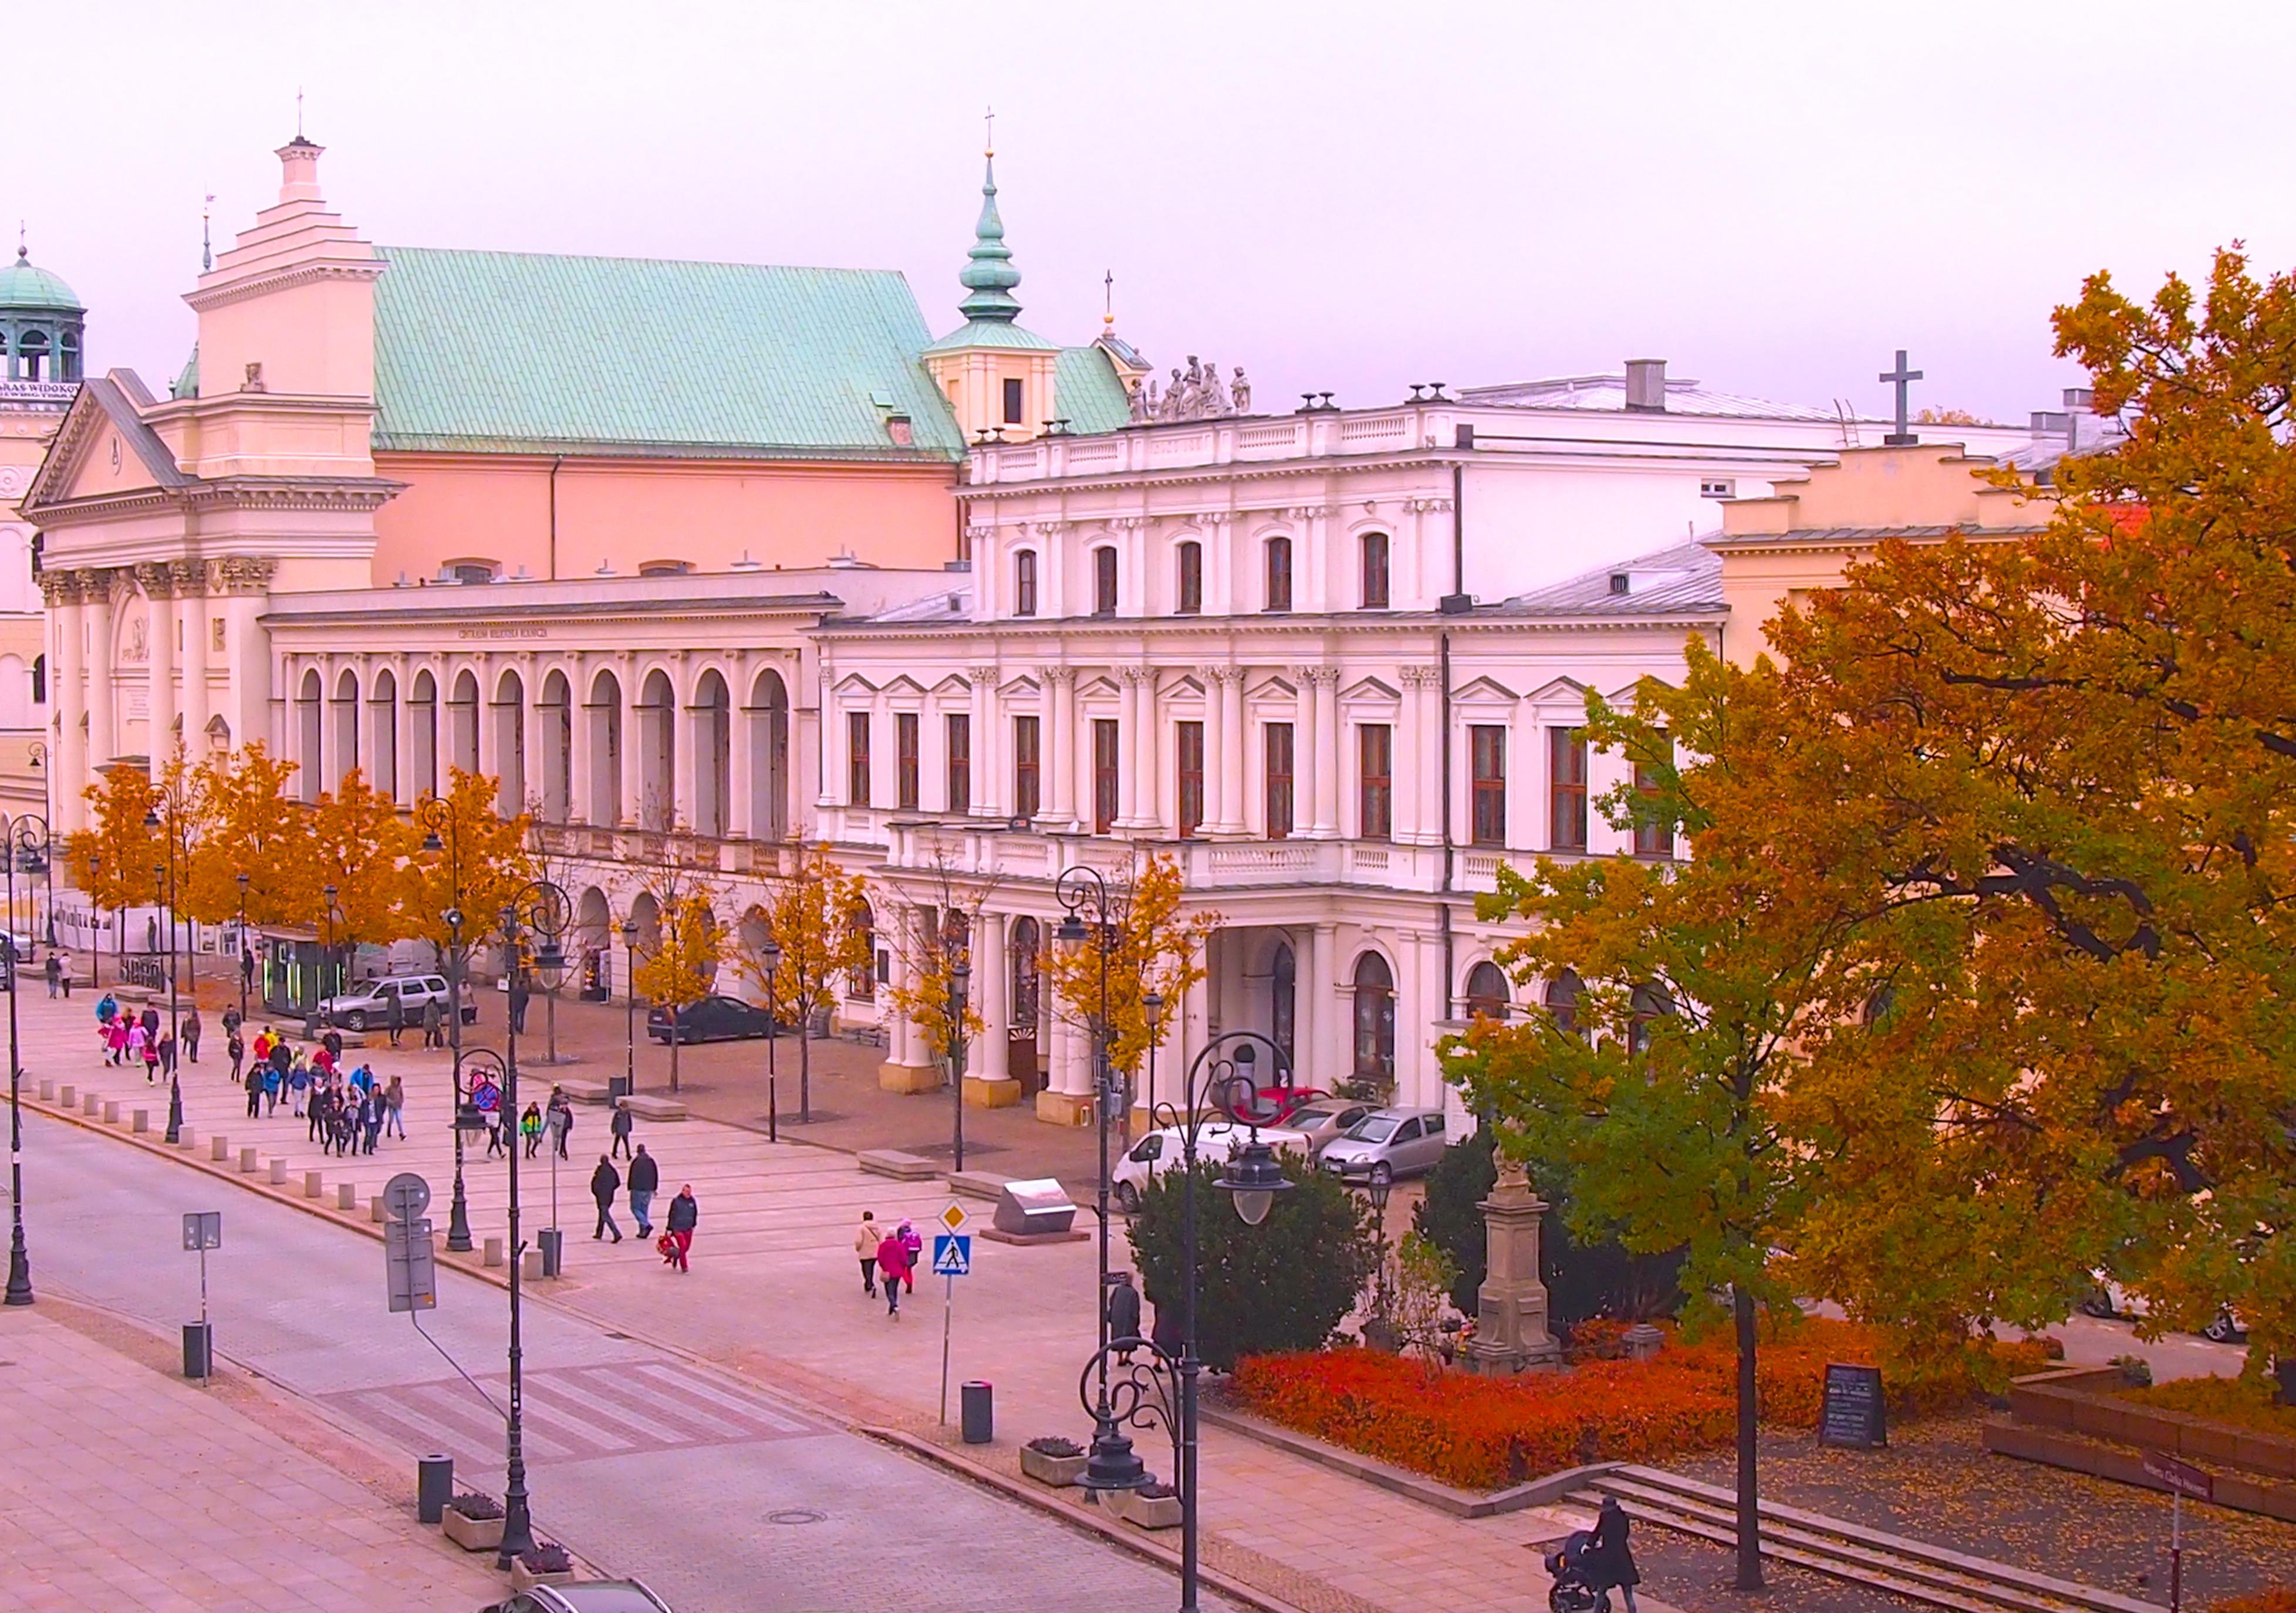 الطريق الملكي في وارسو